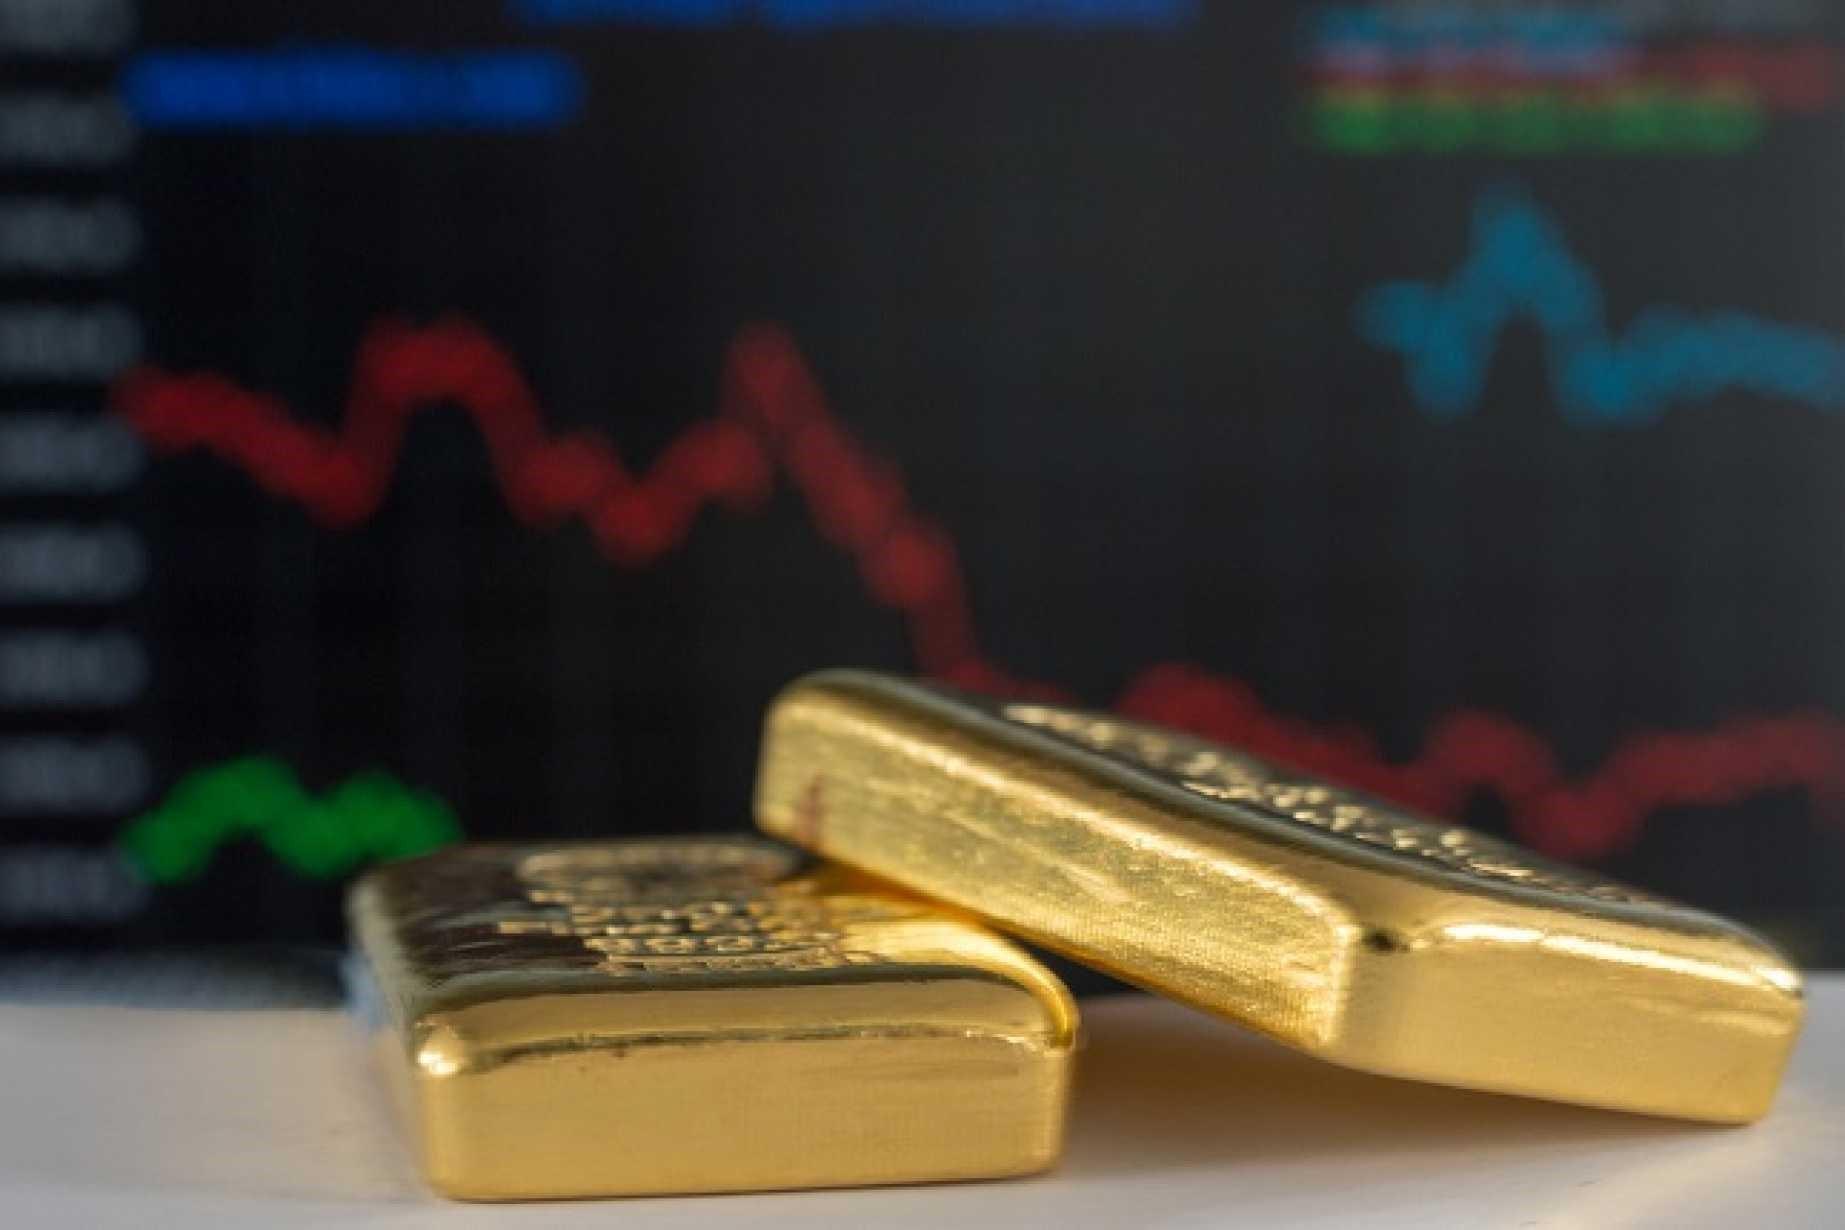 پیش بینی قیمت طلا را چگونه انجام دهیم؟